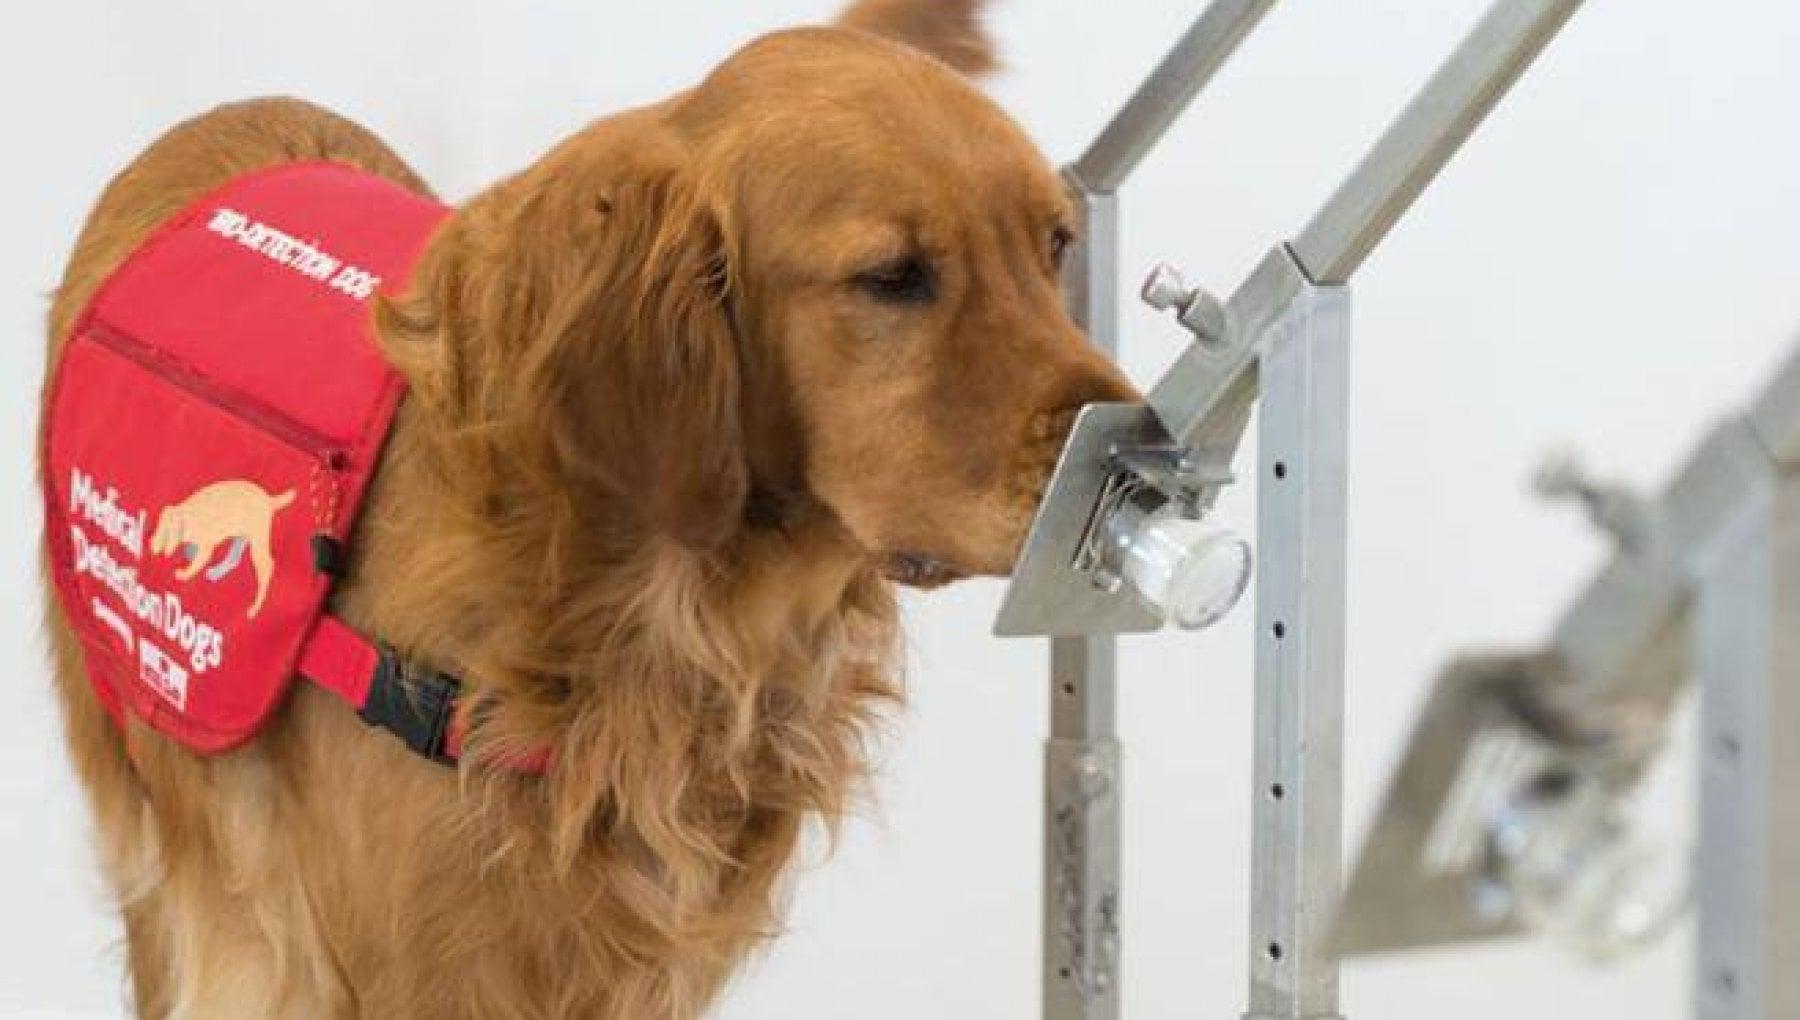 153737471 e2a30189 80b2 4273 9509 58287dc4999b - Il miglior amico dell'uomo nella lotta al Covid: i cani battono i test rapidi nella caccia al virus